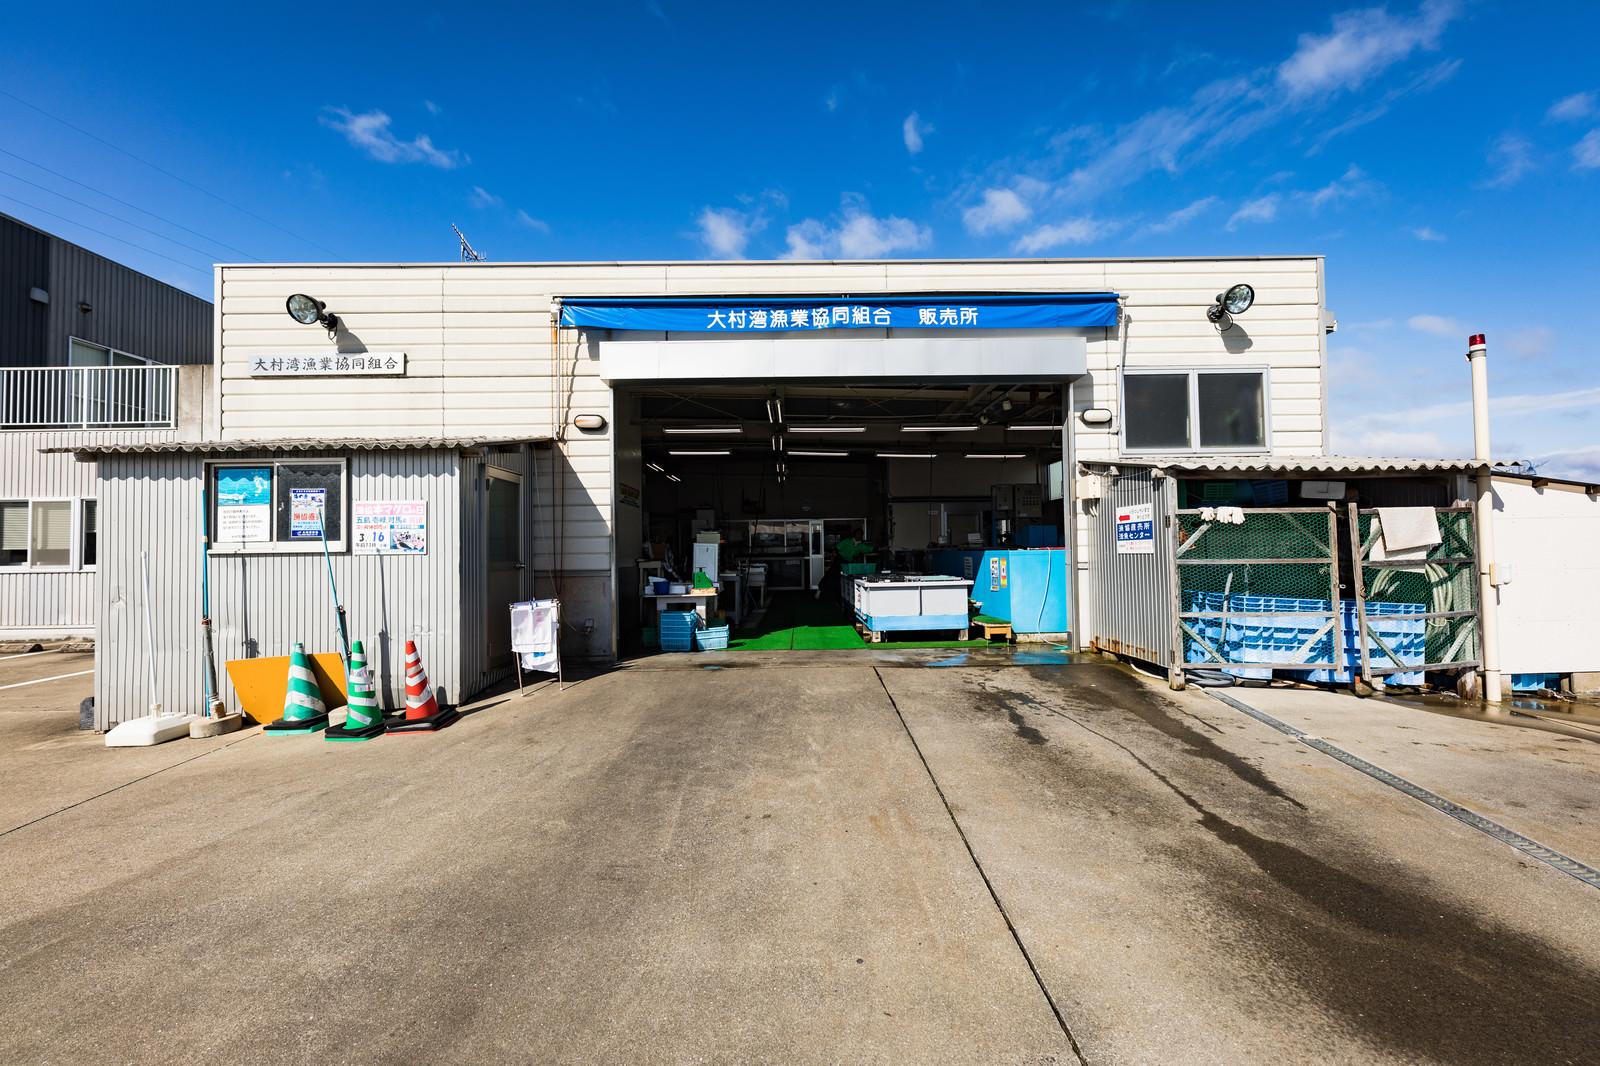 「大村湾漁協組合の販売所(正面) | 写真の無料素材・フリー素材 - ぱくたそ」の写真